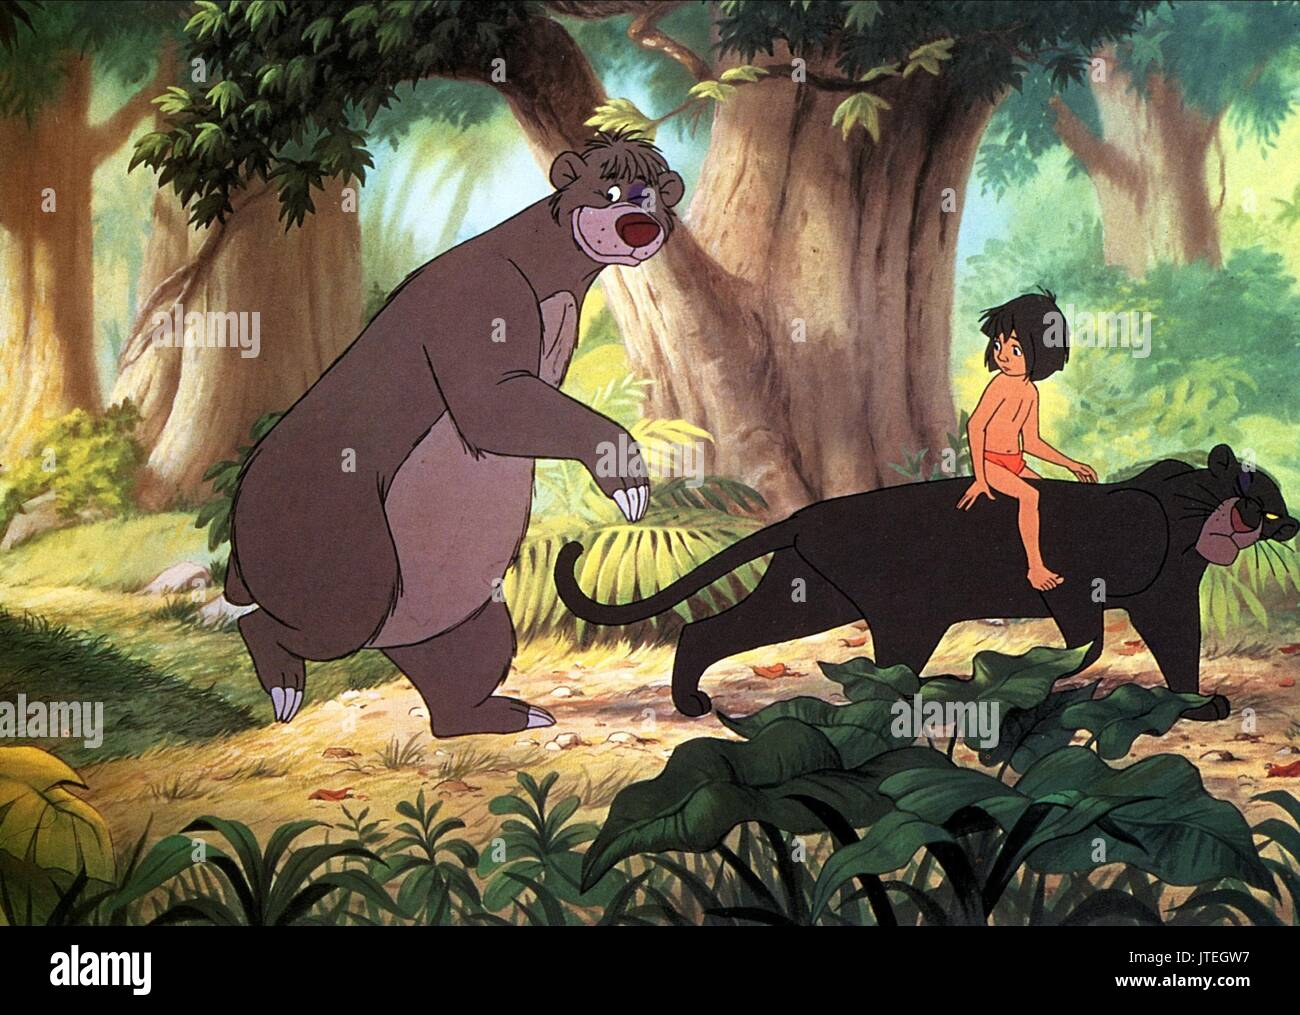 Baloo Mowgli Bagheera The Jungle Book 1967 Stock Photo